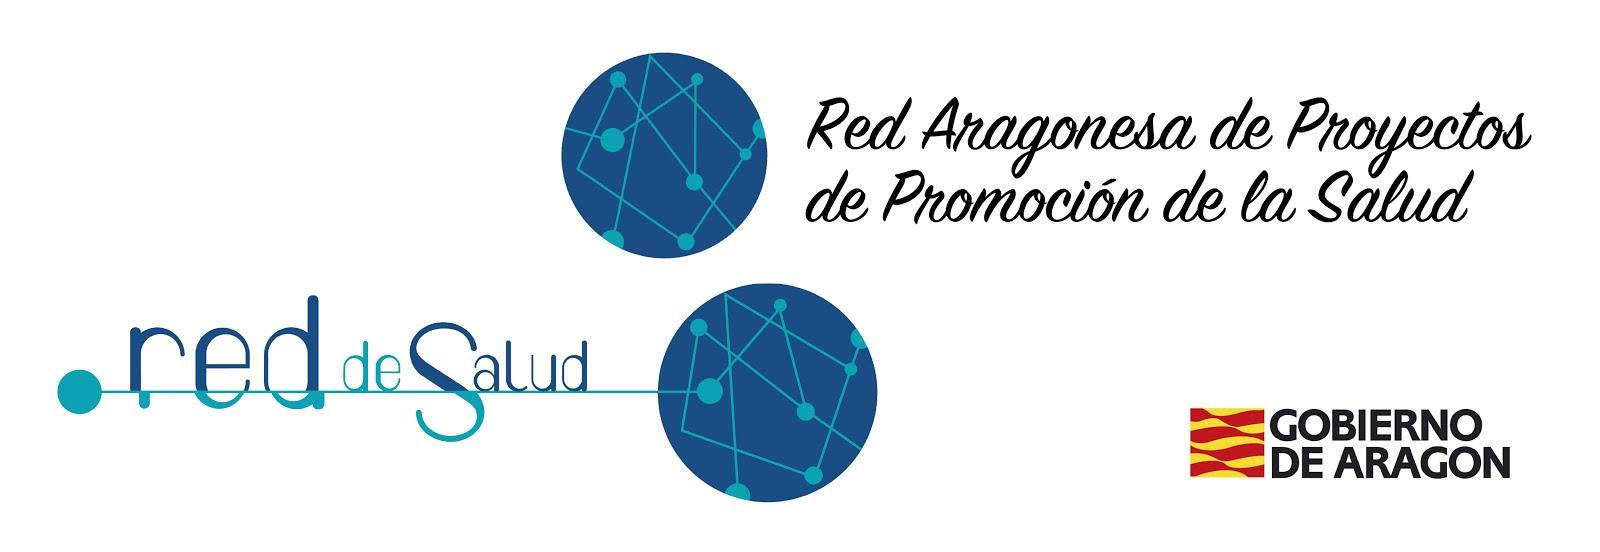 Red Aragonesa de Proyectos de Promoción de Salud